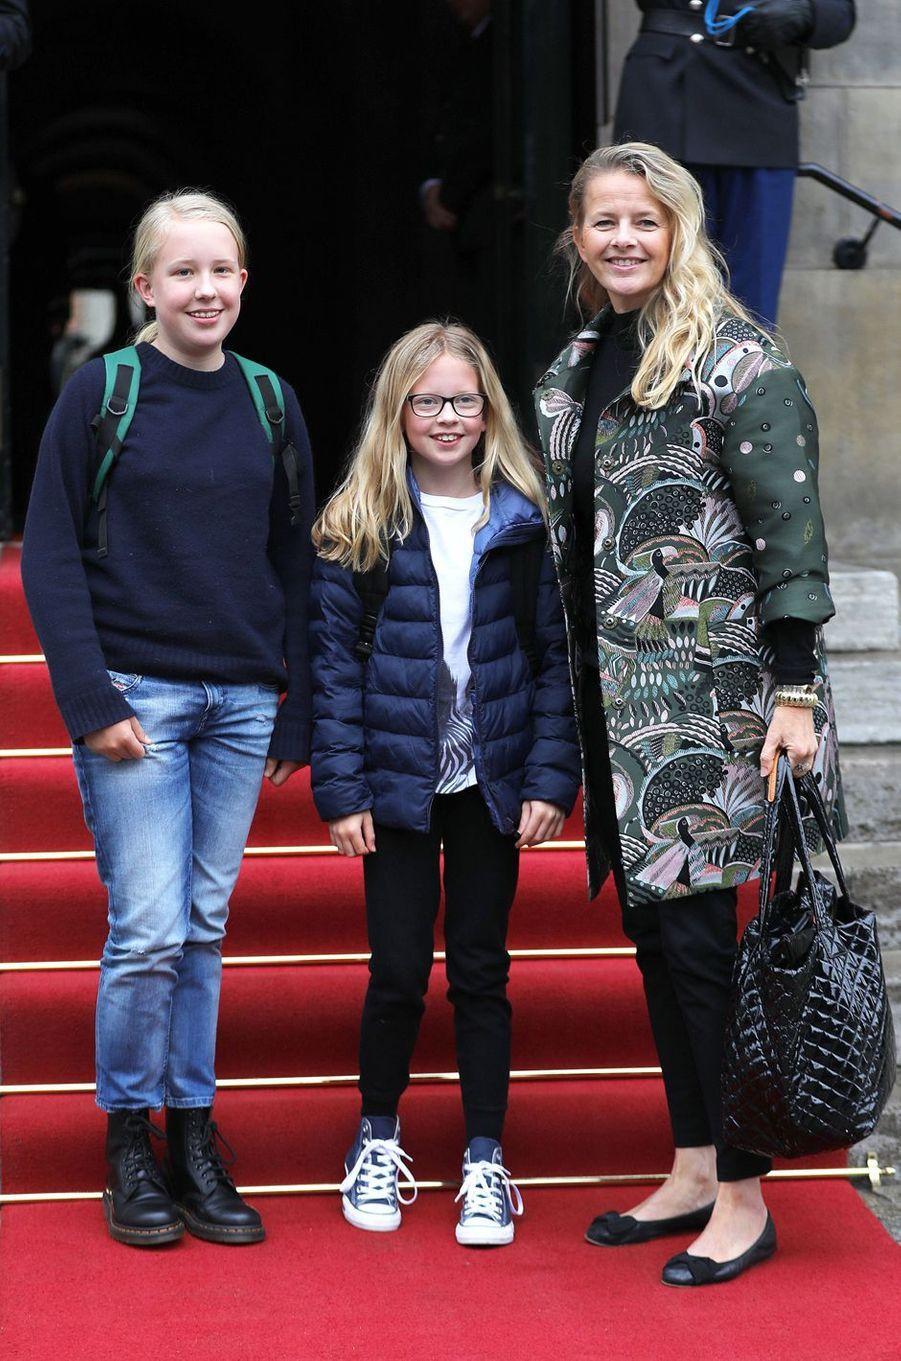 La princesse Mabel des Pays-Bas et ses deux filles à Amsterdam, le 3 février 2018